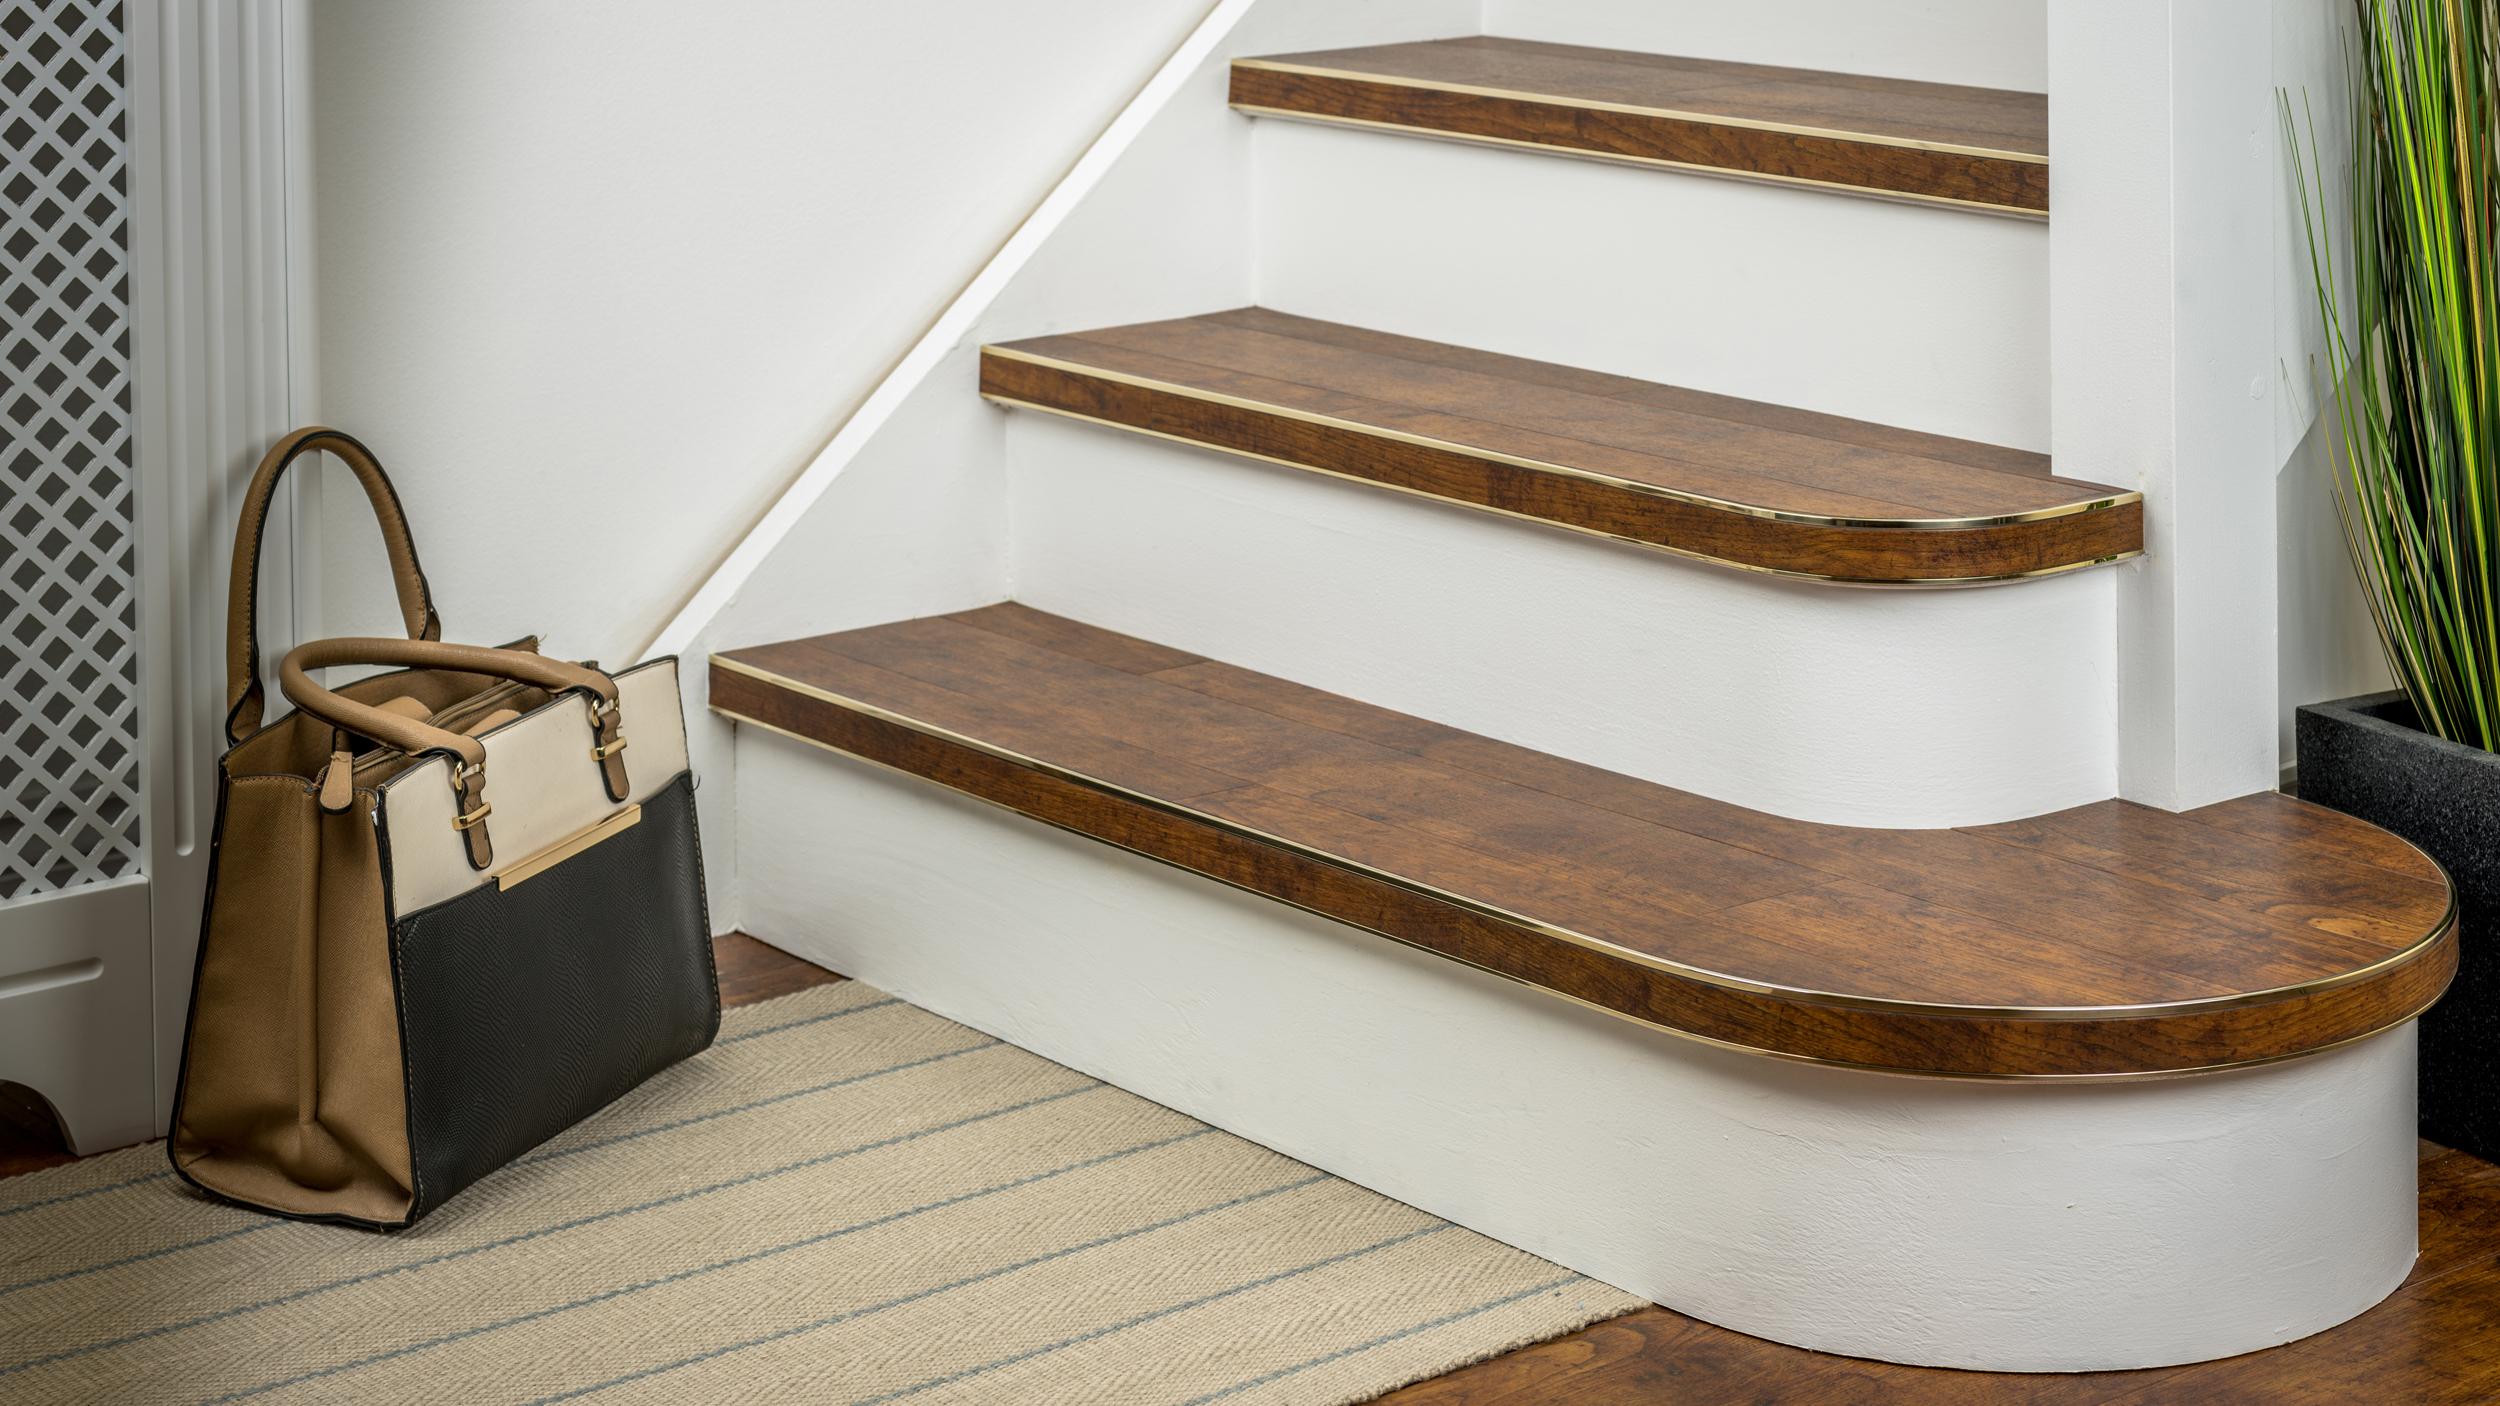 stairrods-motion bg 2500.jpg